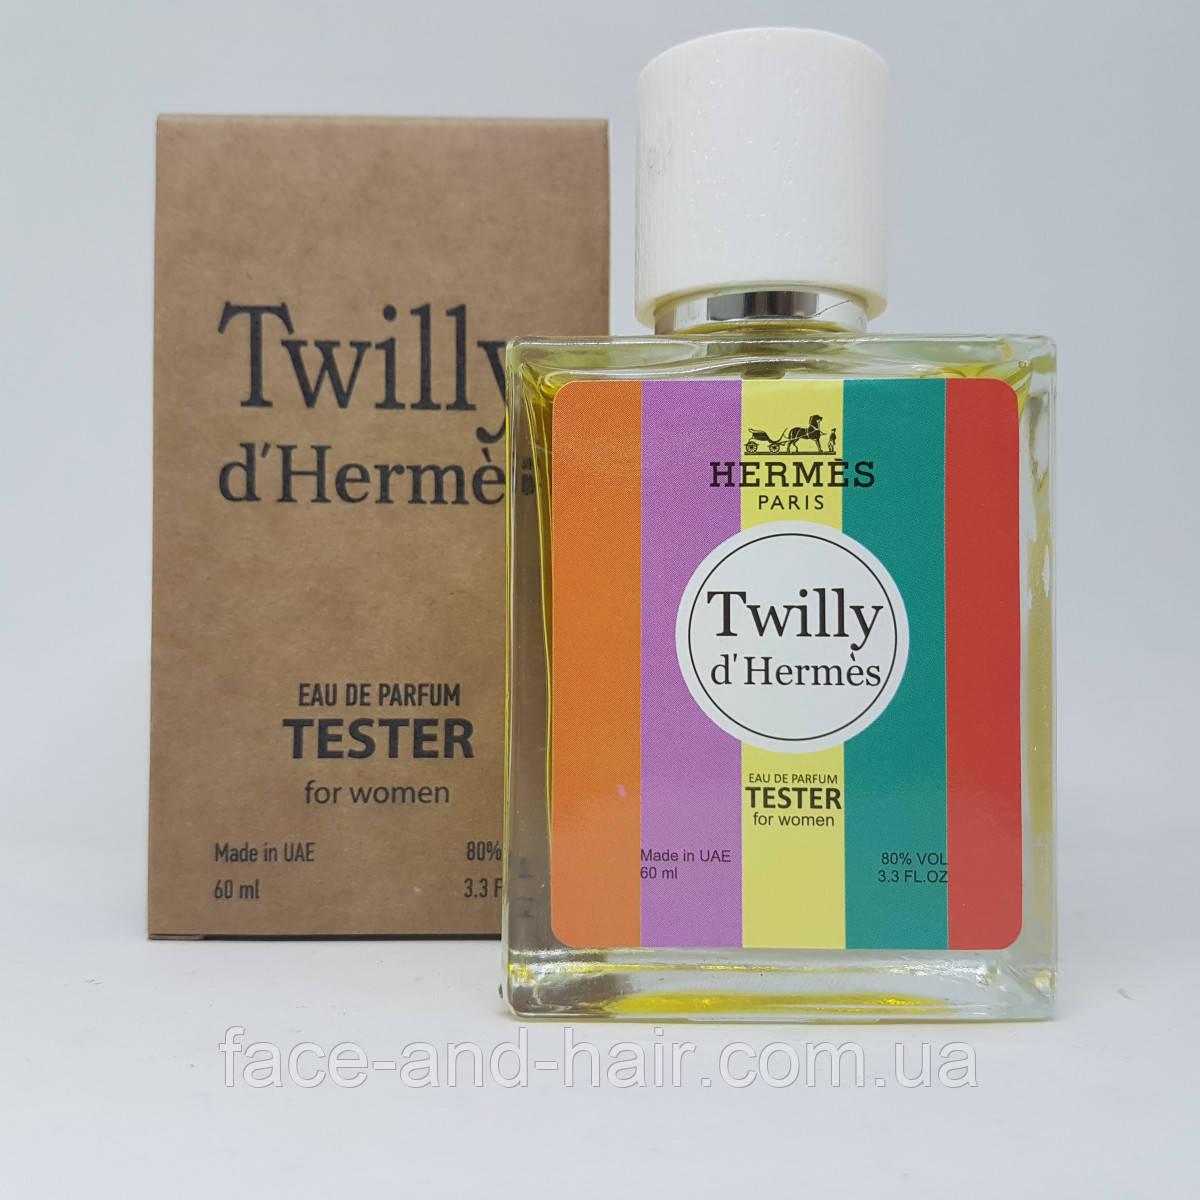 Hermes Twilly d`Hermes - Quadro Tester 60ml